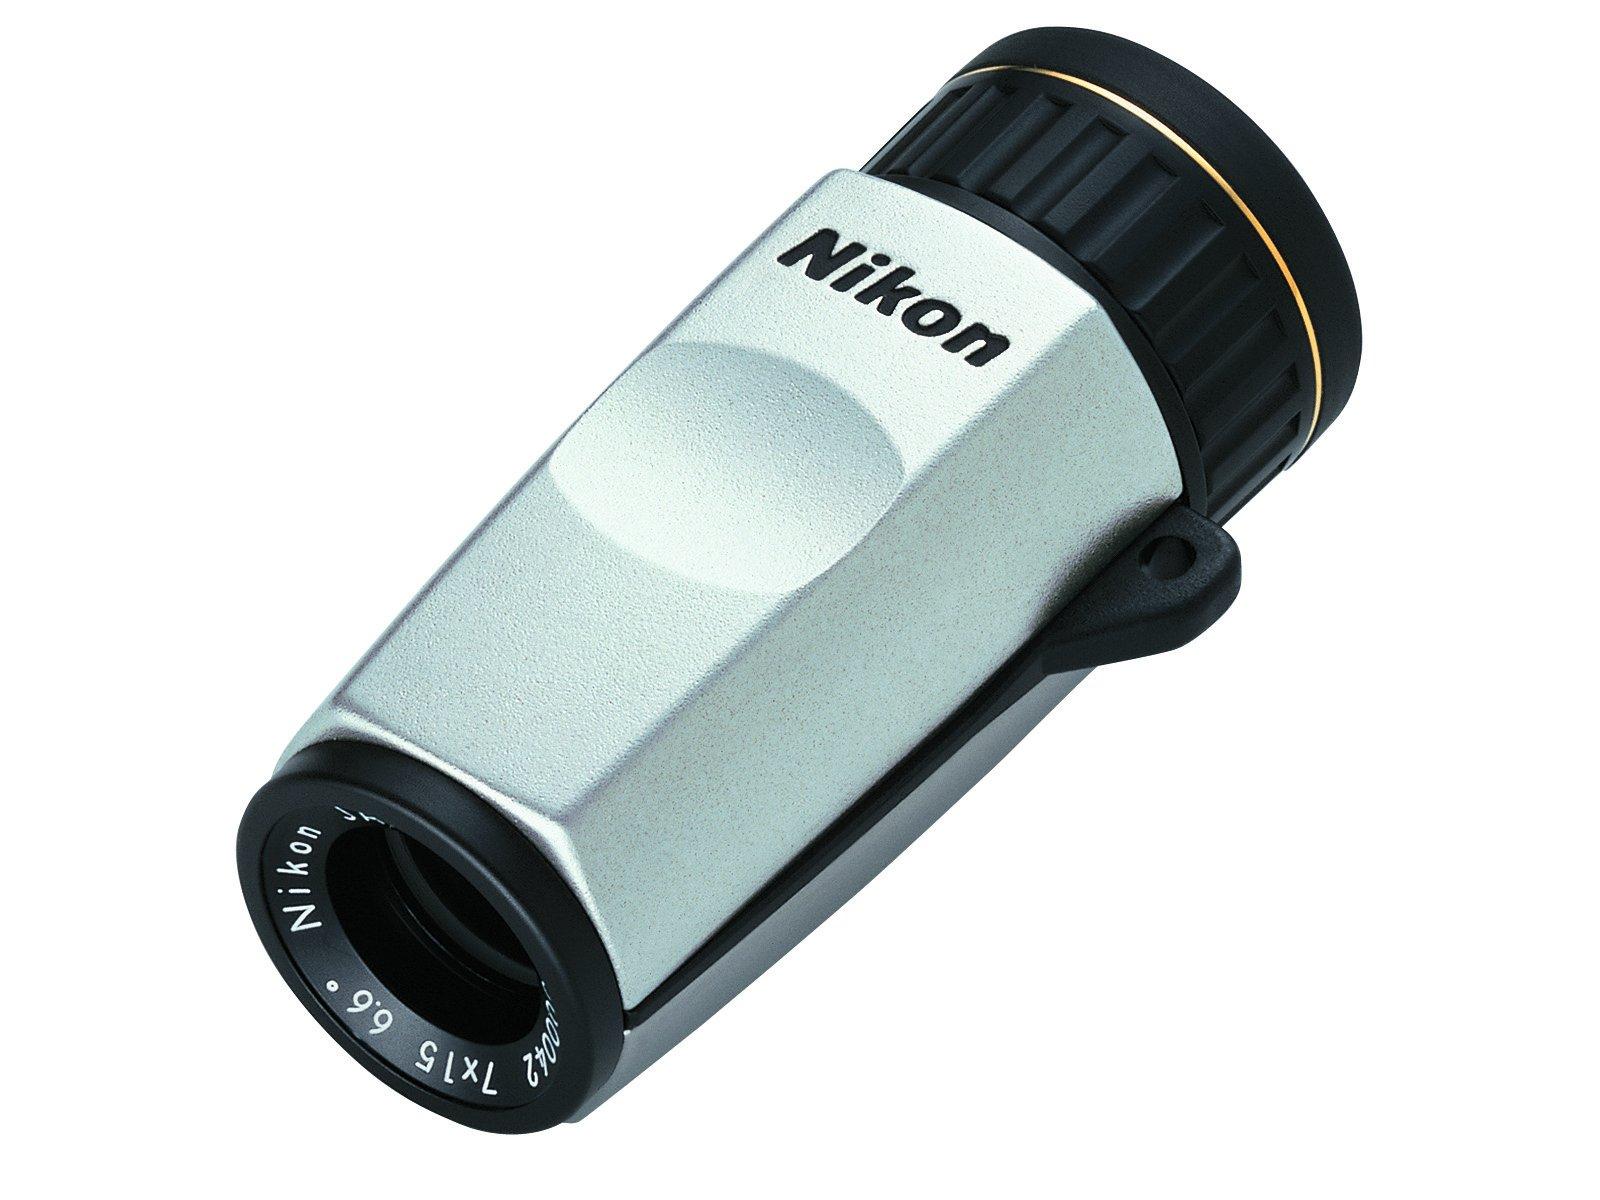 Nikon 7X15D Monocular Hg by Nikon